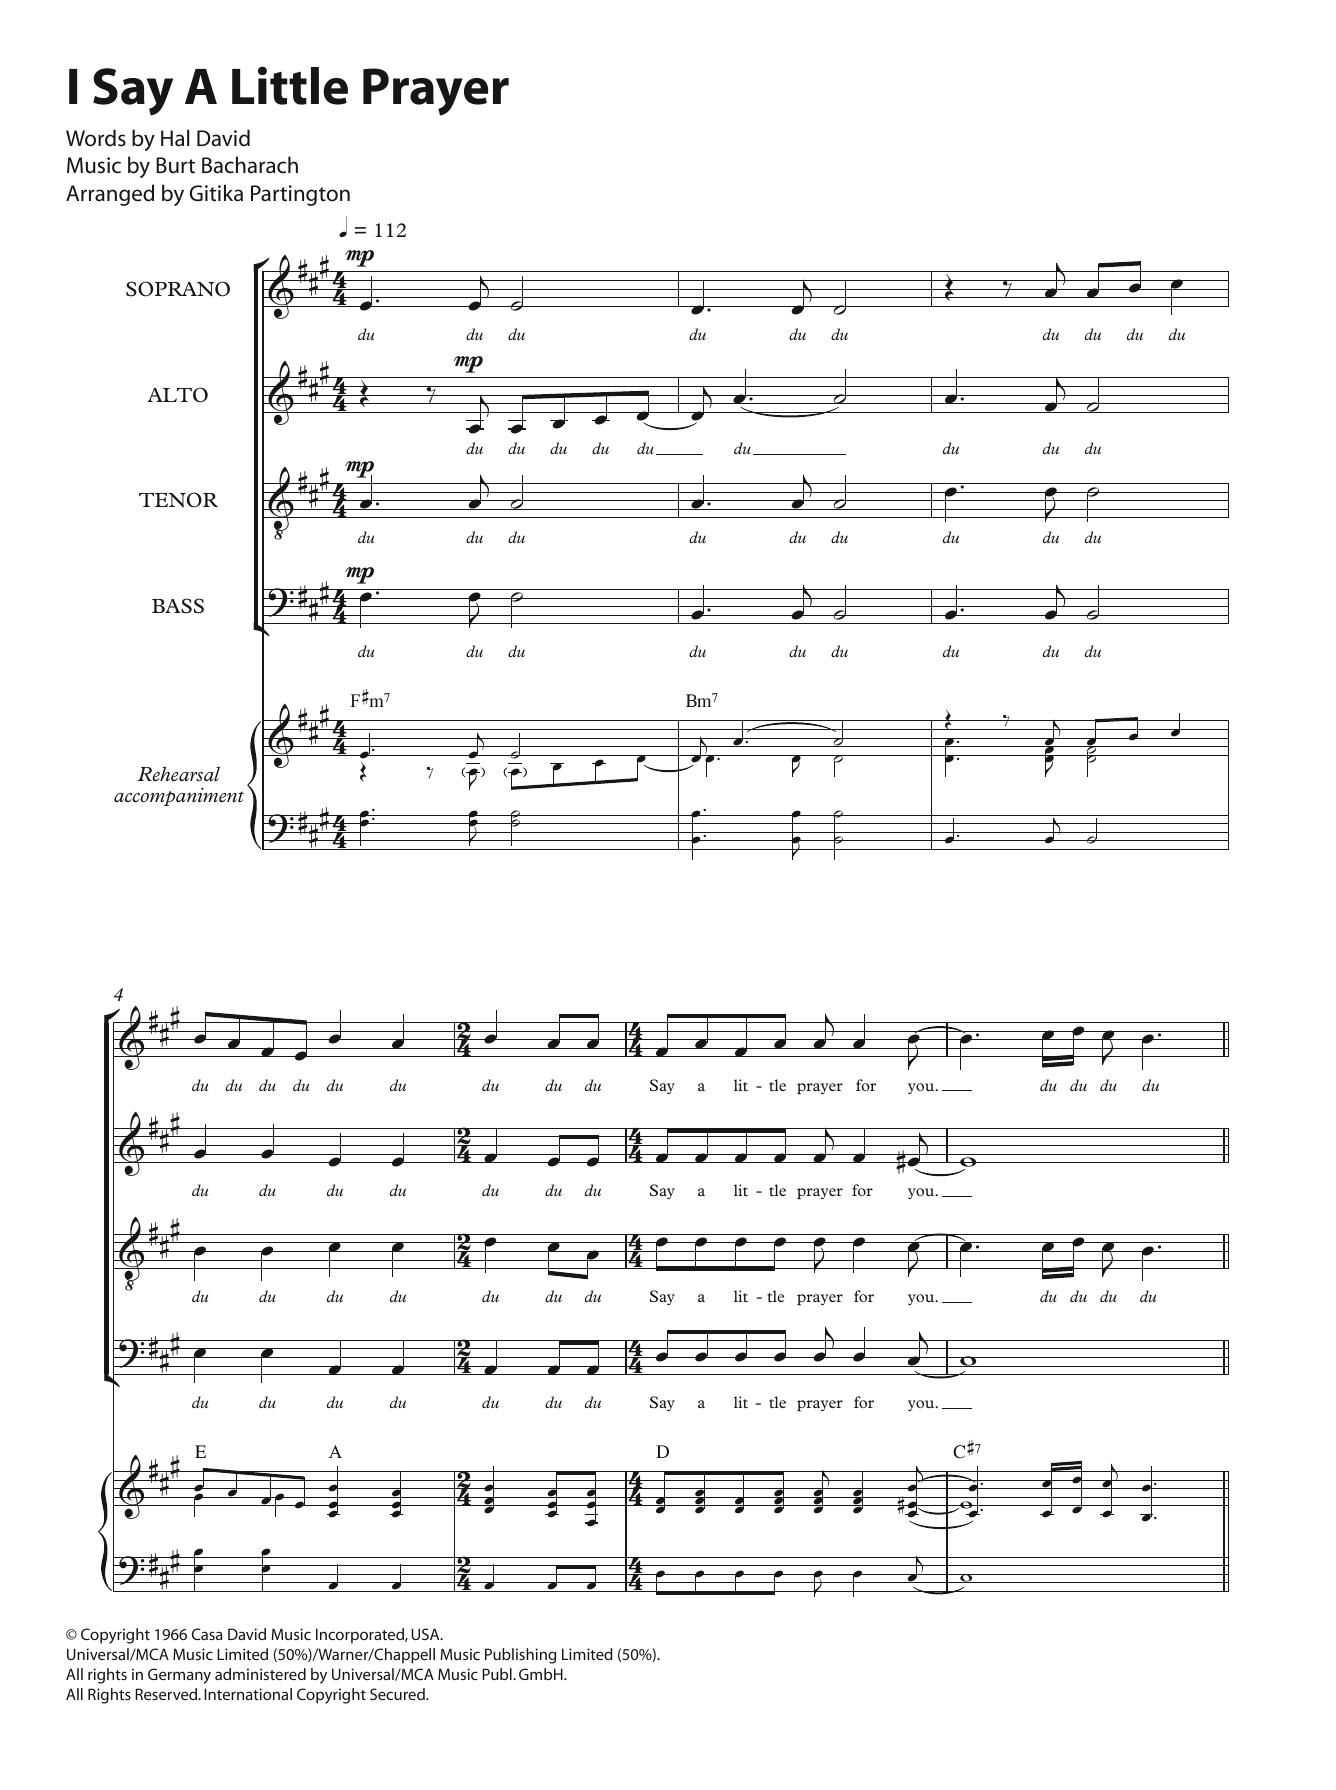 I Say A Little Prayer (arr. Gitika Partington) Partition Digitale